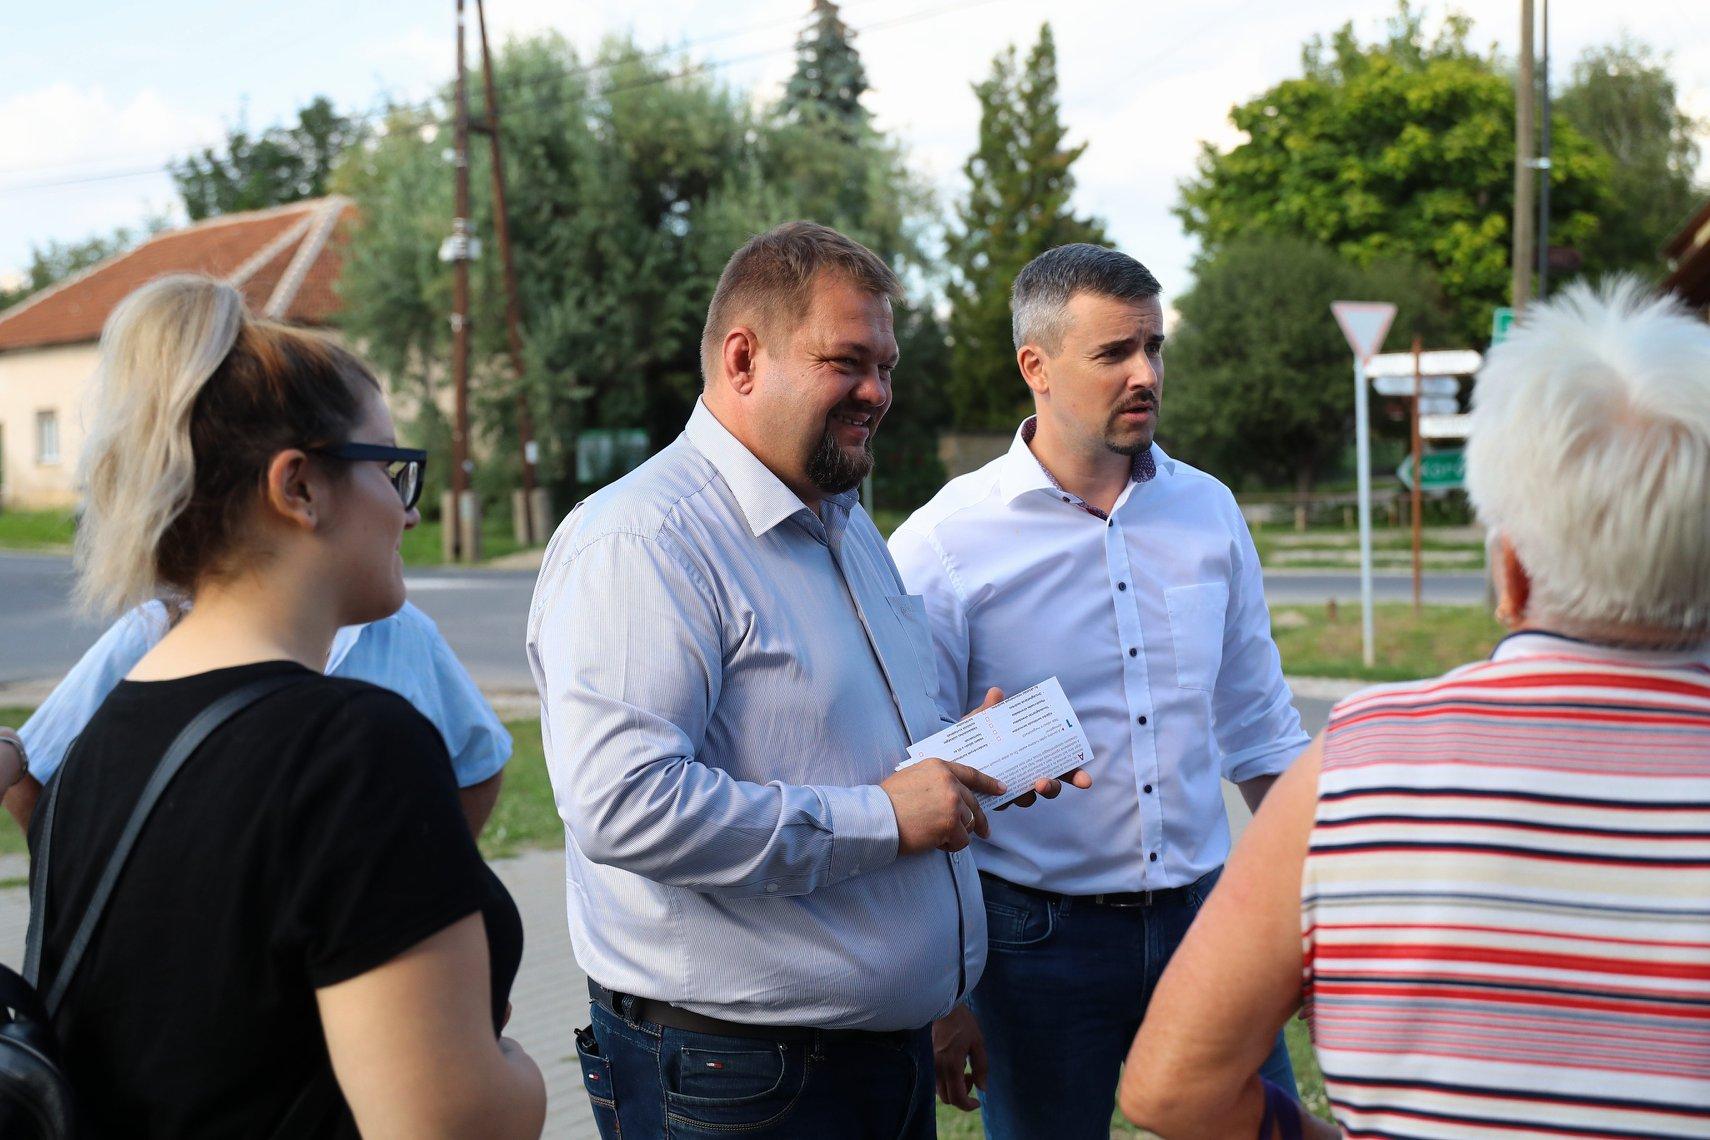 Döntött a Kúria: a tiszaújvárosi időközi választáson nem indulhat a Jobbik jelöltjeként Bíró László